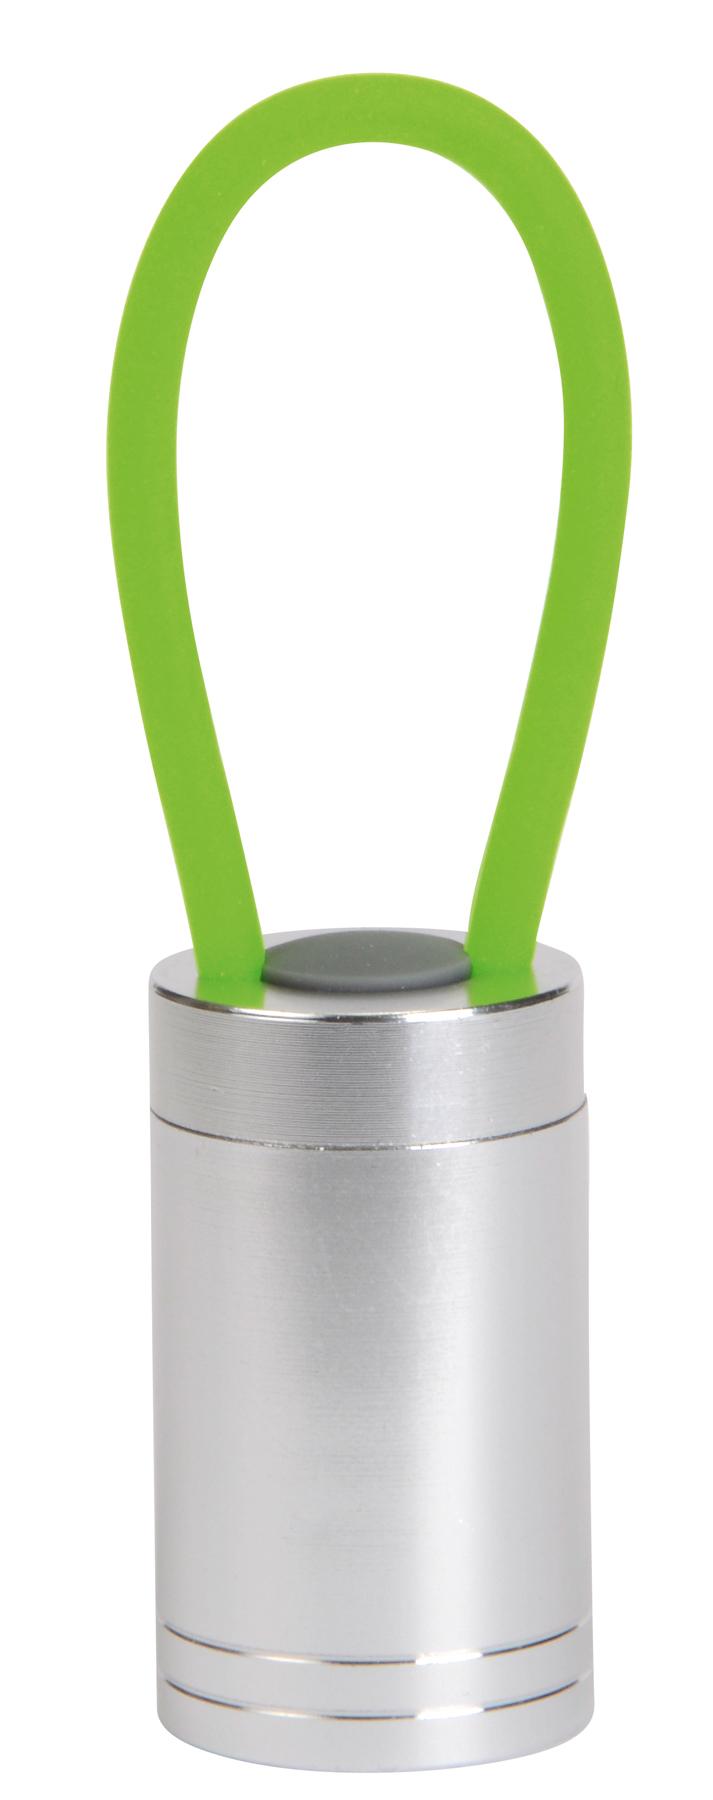 Lampka LUMINOUS, srebrny, zielony